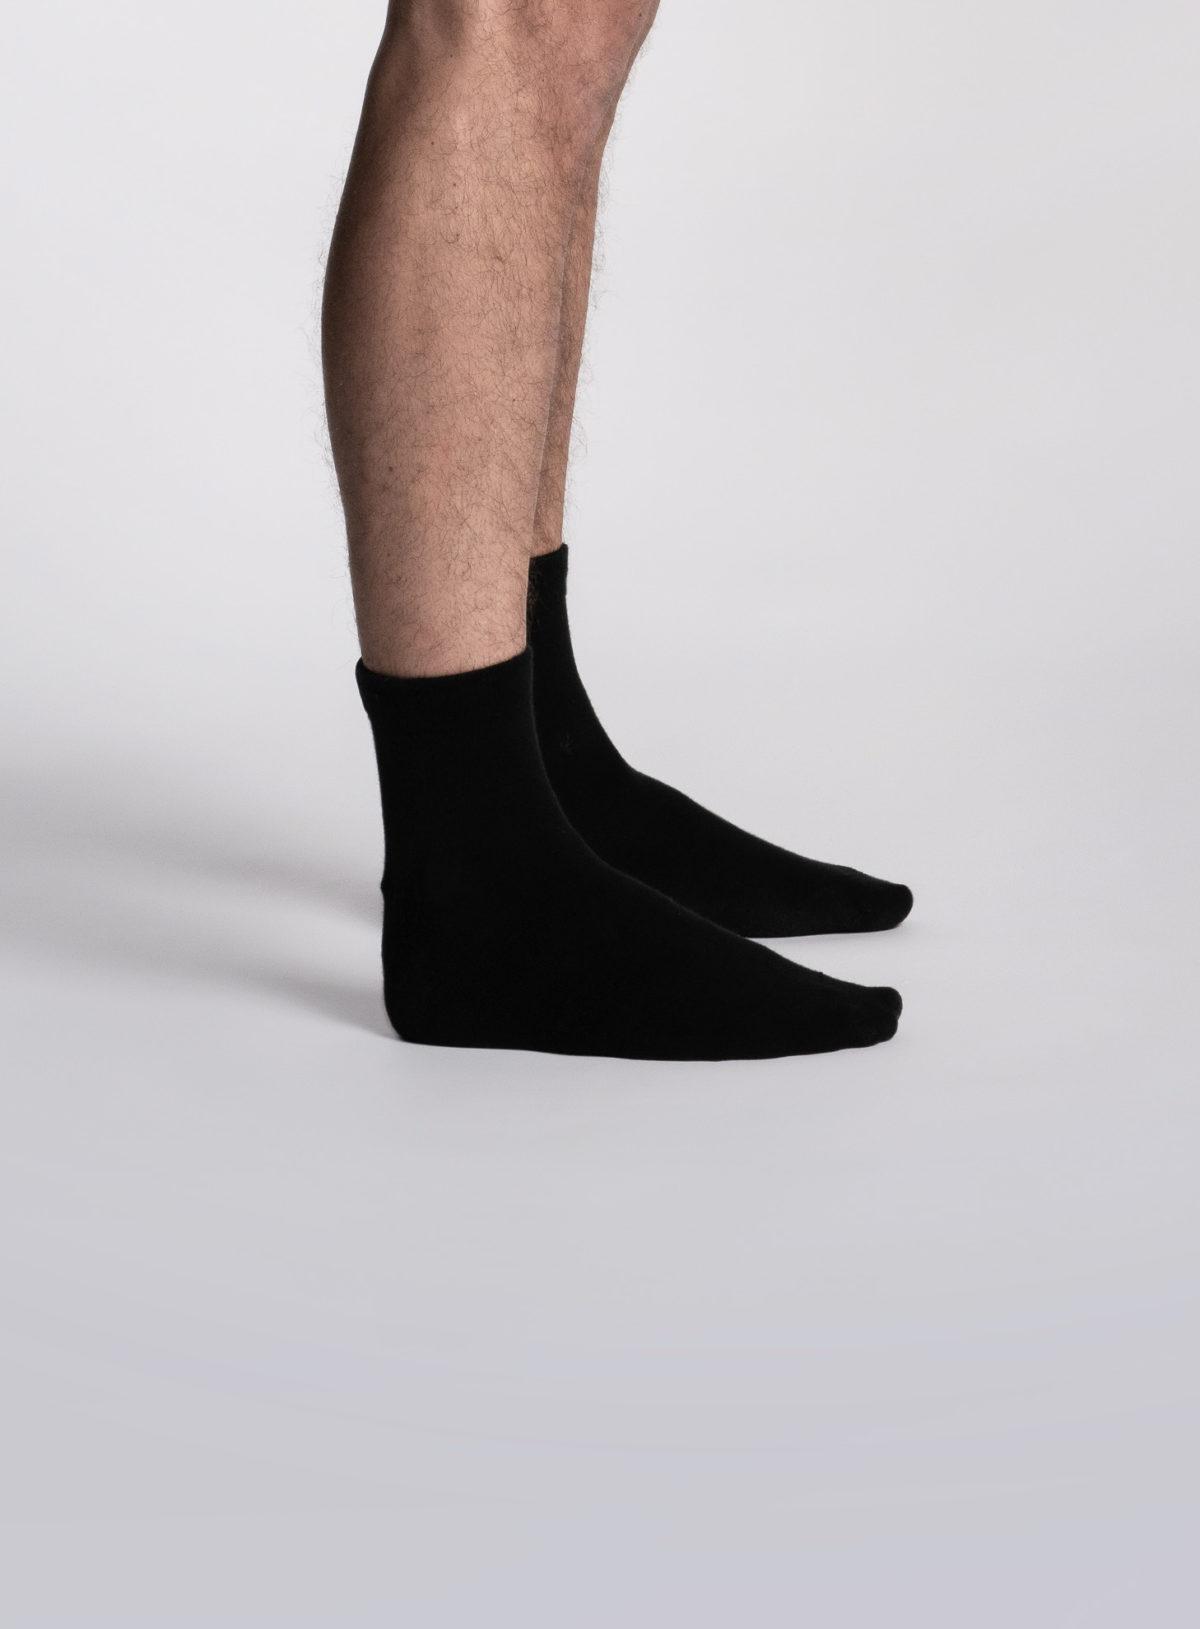 Paire de chaussettes socquettes noires pour homme de la marque S BORDEAUX